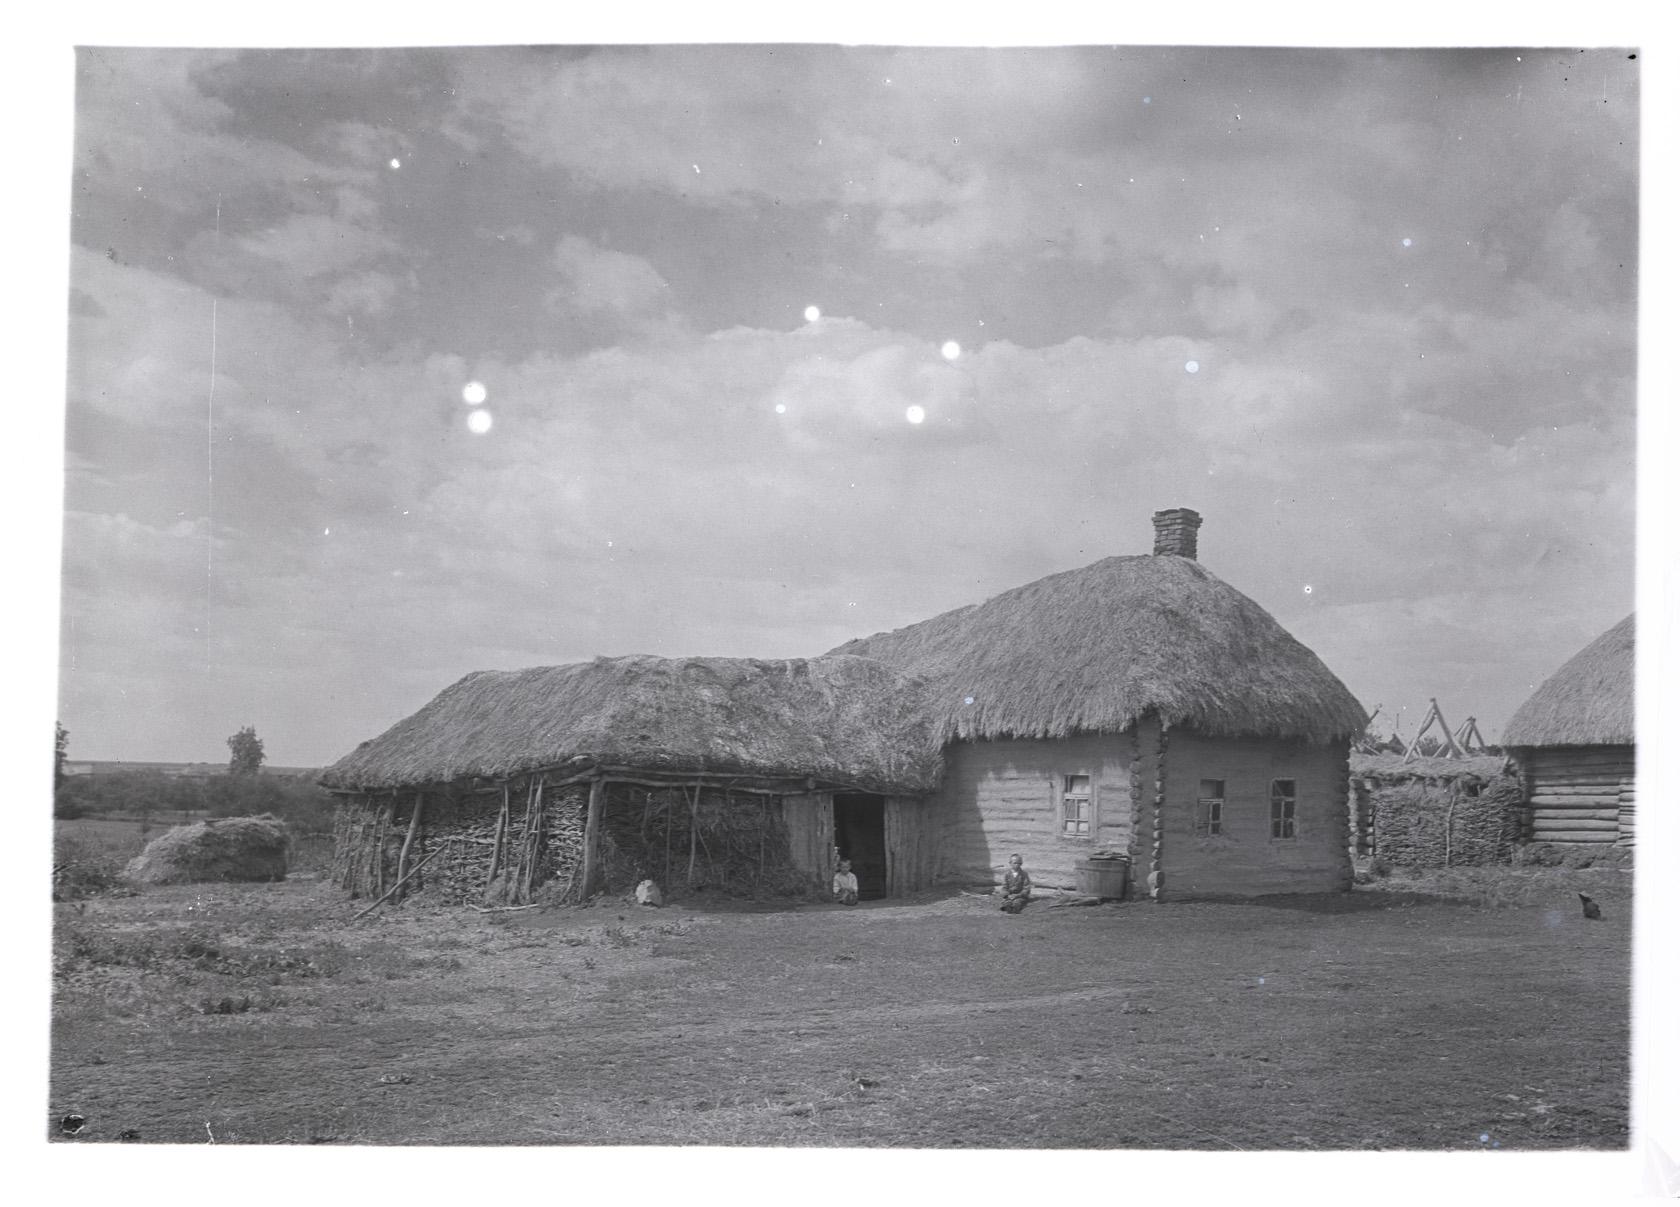 Село Лермонтово. Крестьянская изба. Фотография В.Г. Чудинова. 1938 г.